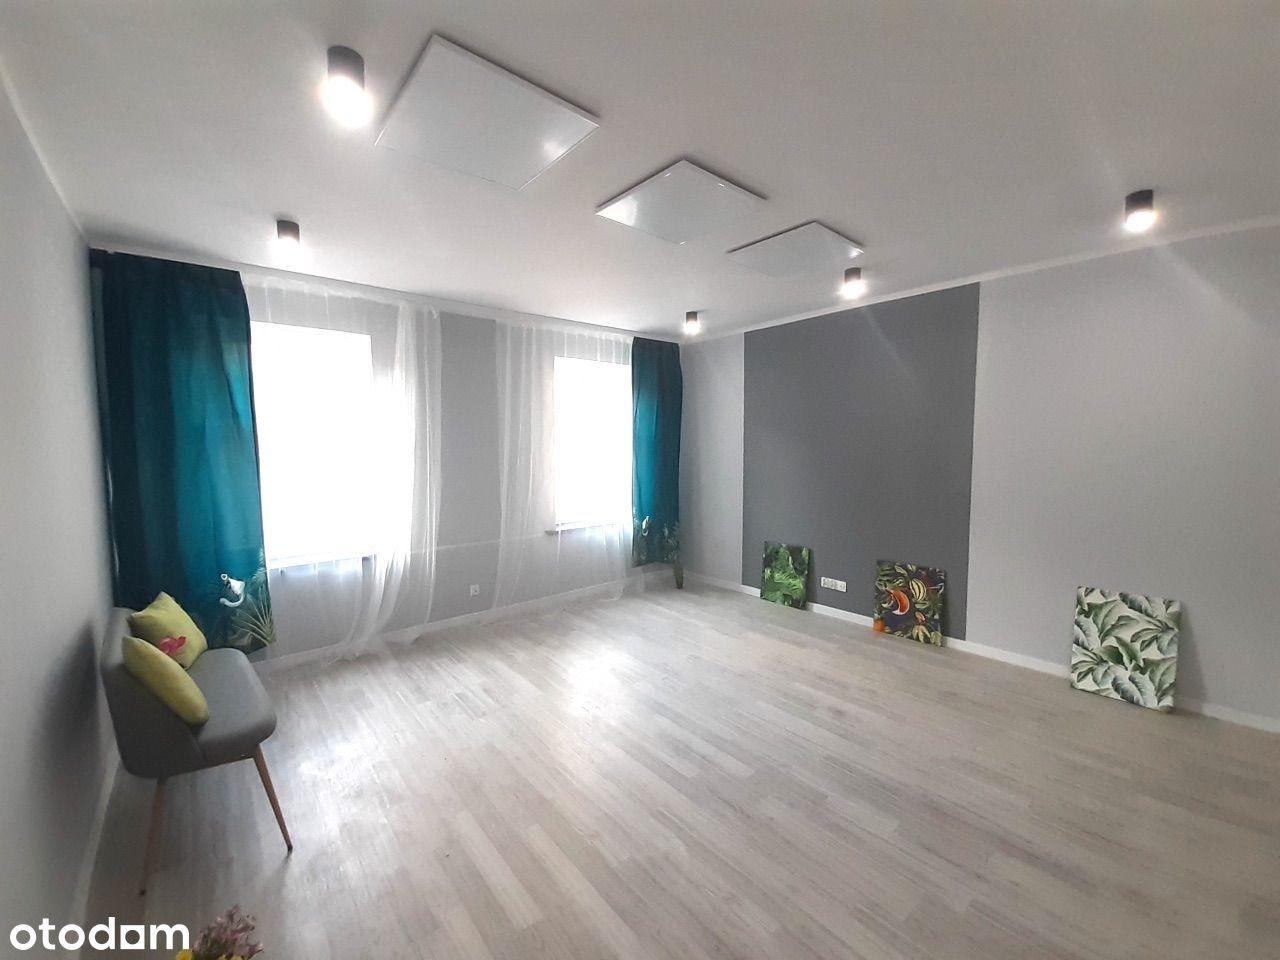 Mieszkanie PO REMONCIE Katowice Załęże, 42m, 2 pok